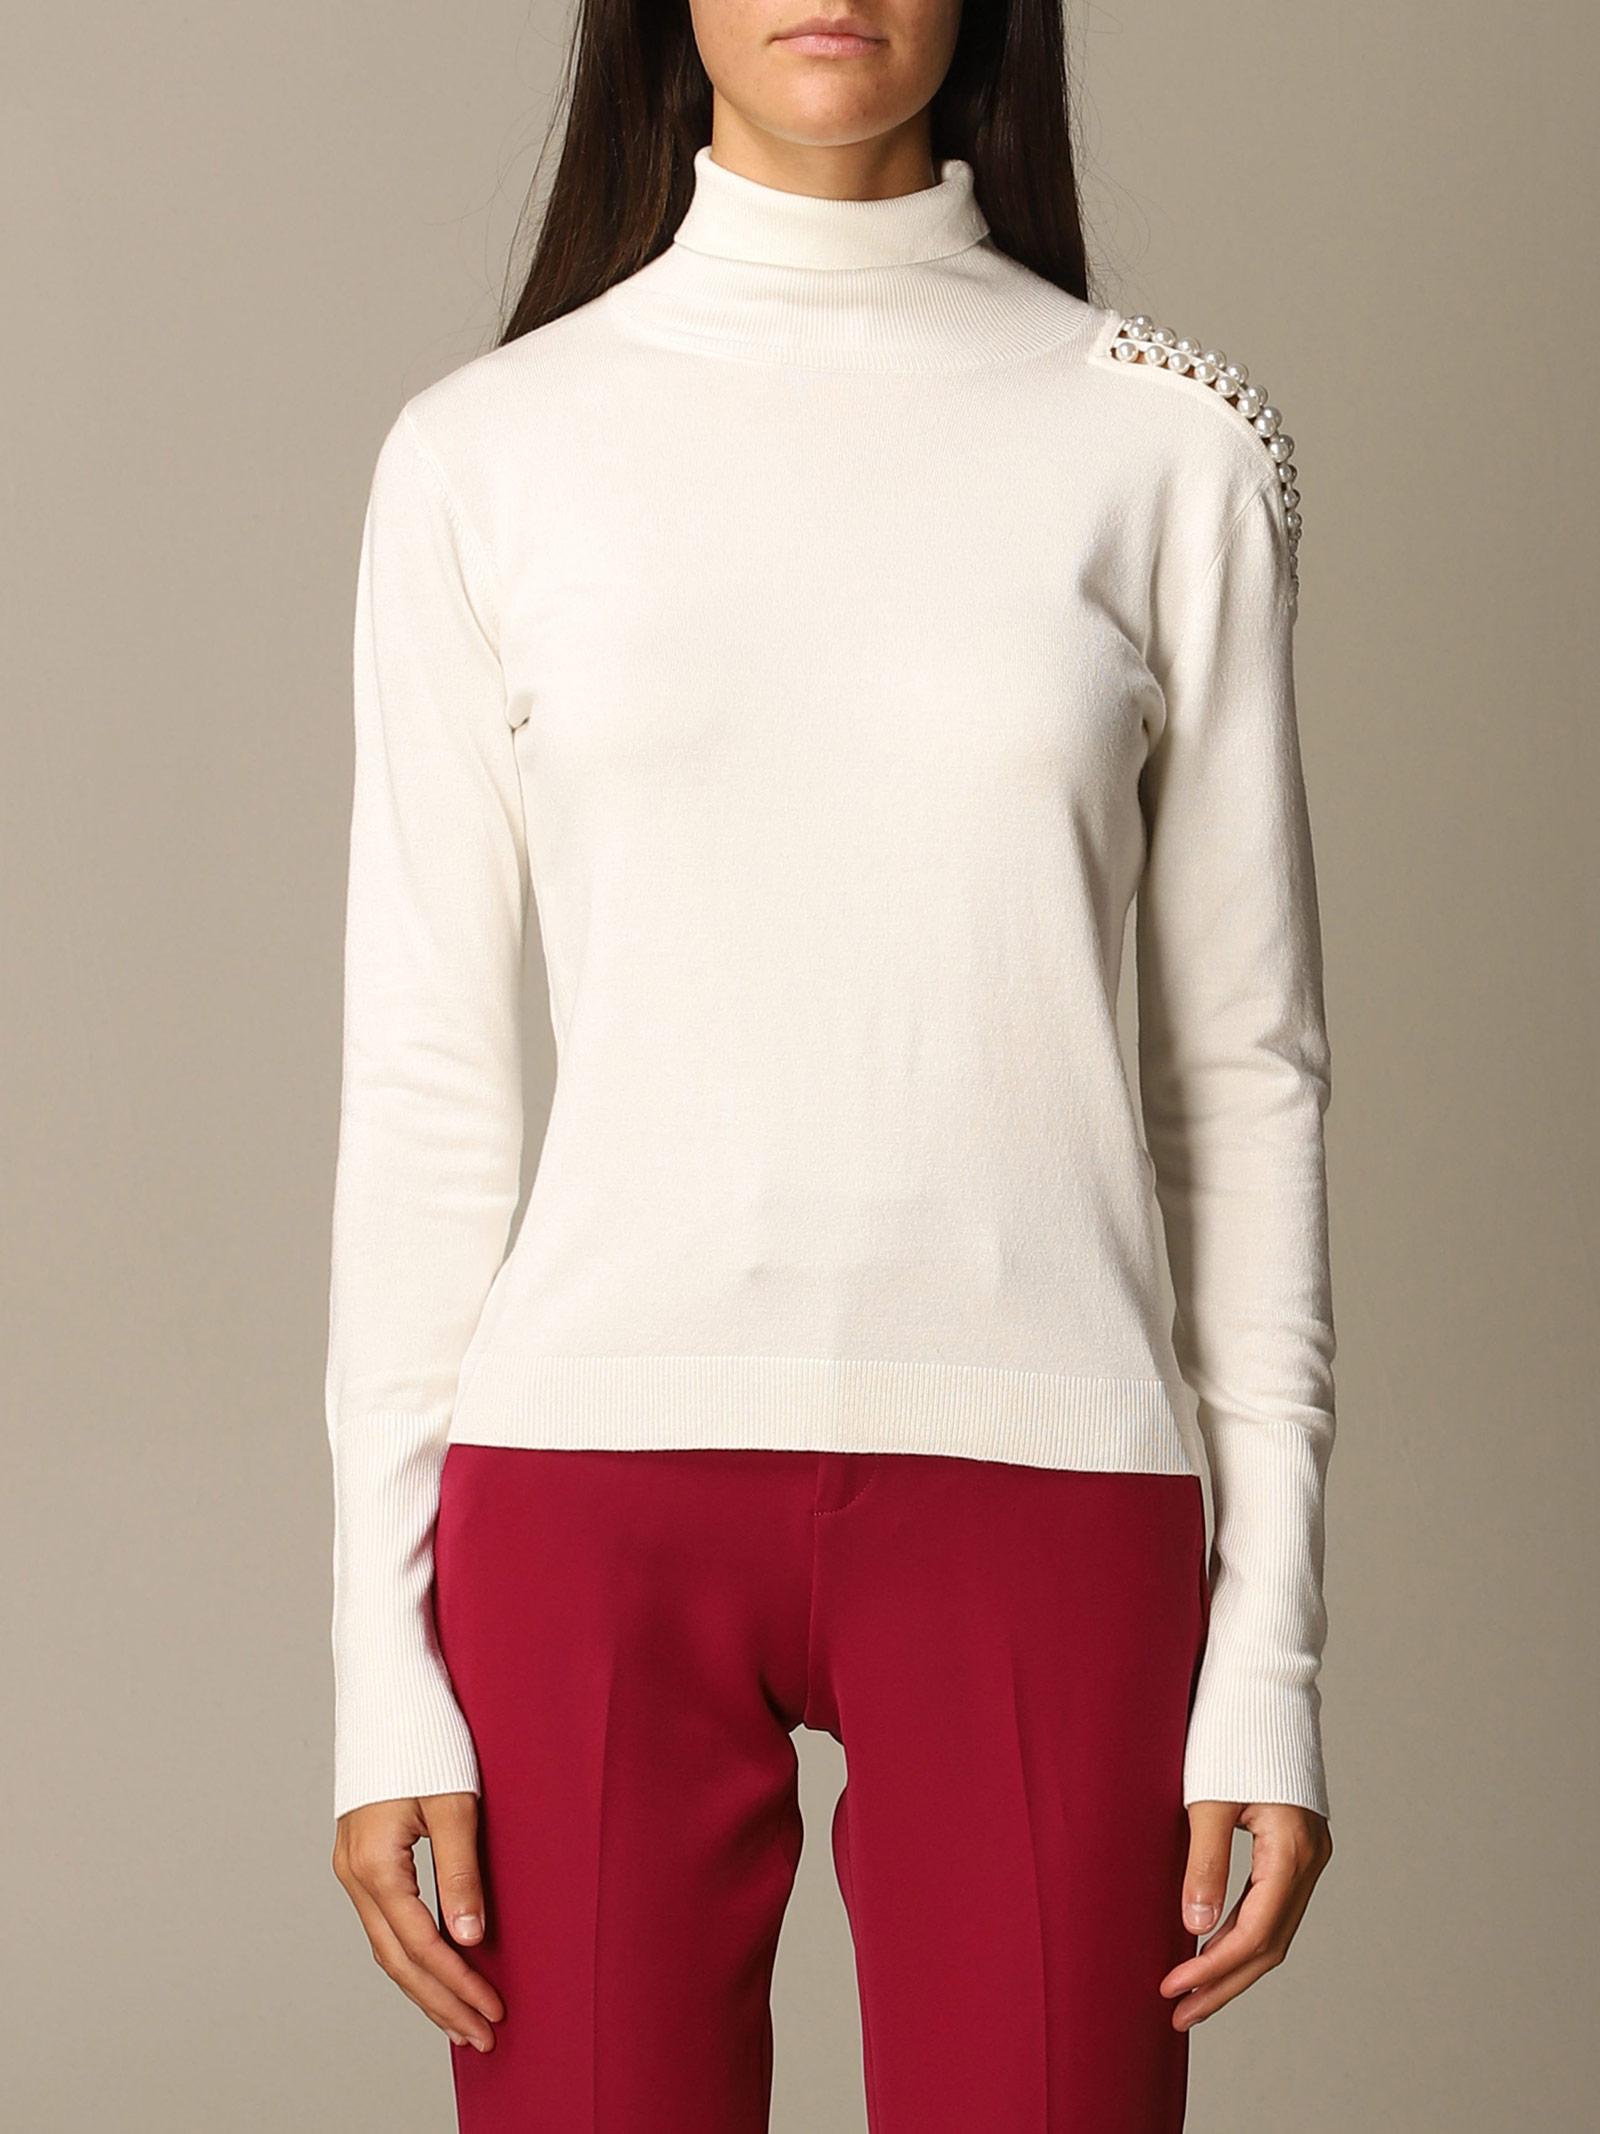 LIU JO | Sweaters | MF0045MA49I10701